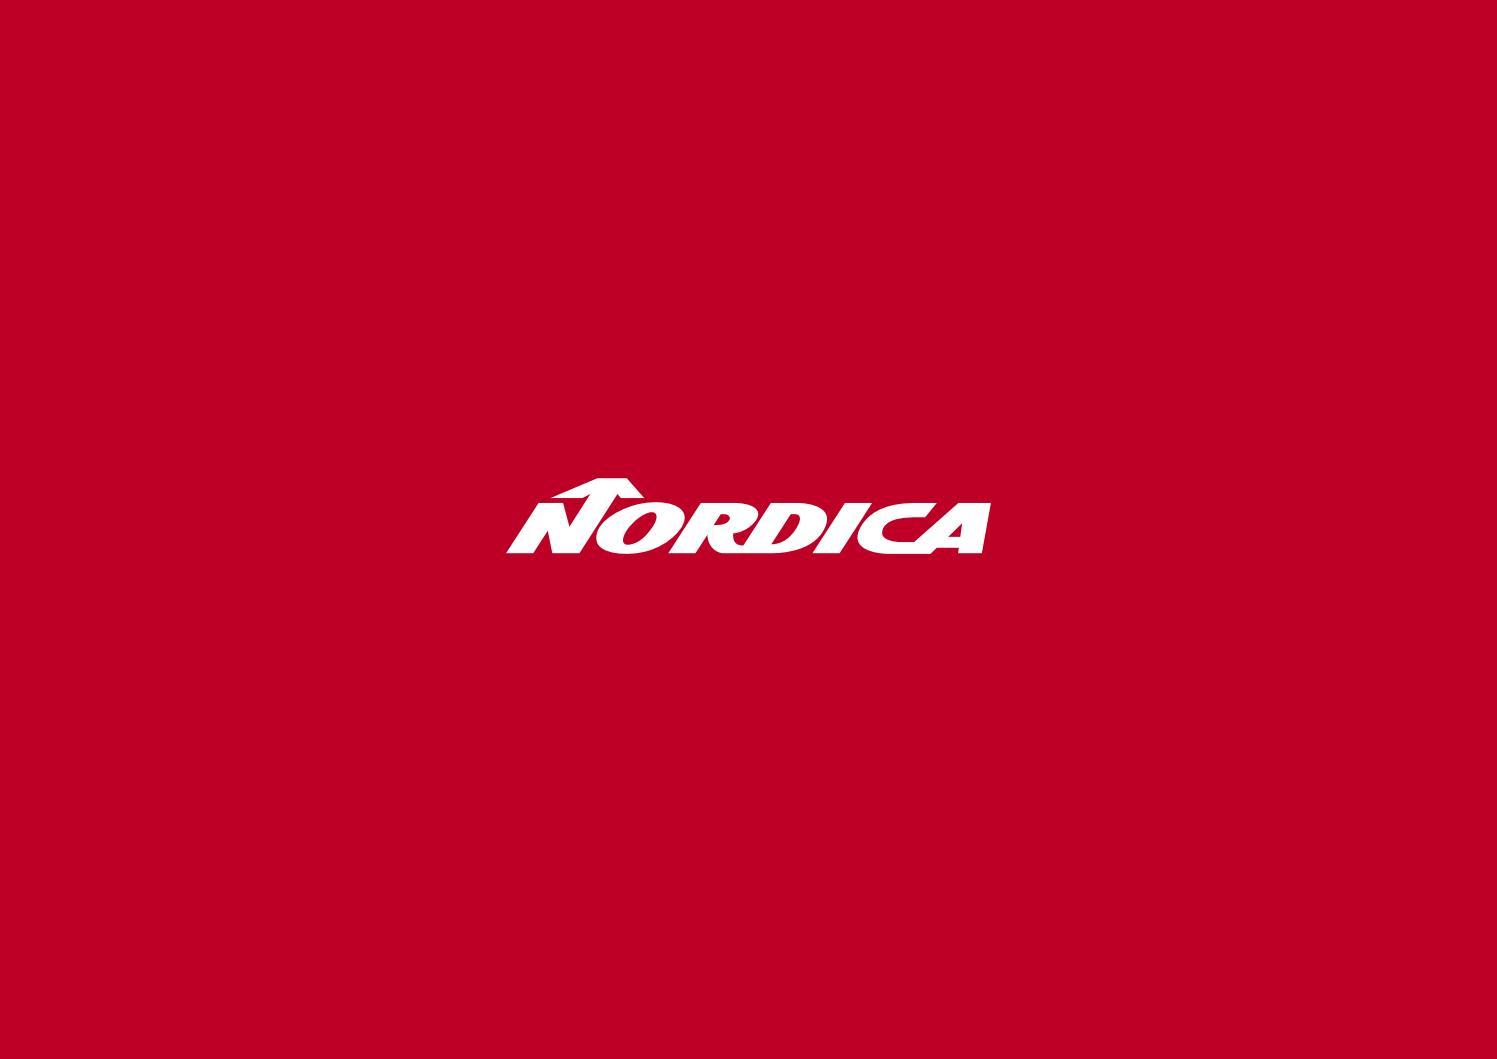 Katalog Nordica 2019 2020 by levnelyze issuu